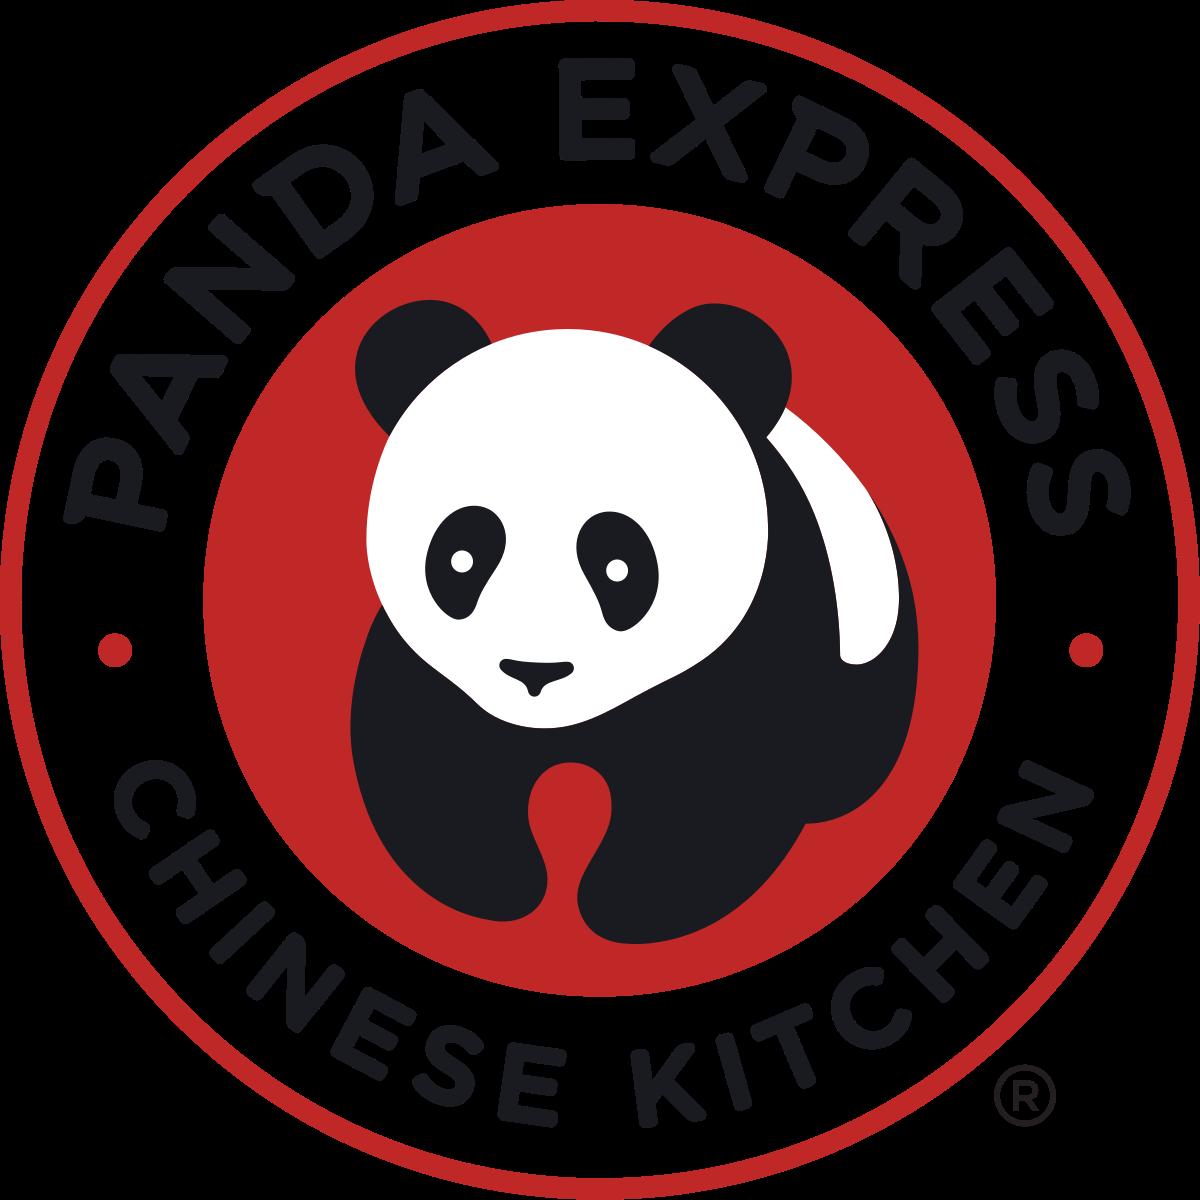 Panda Express - Port Arthur